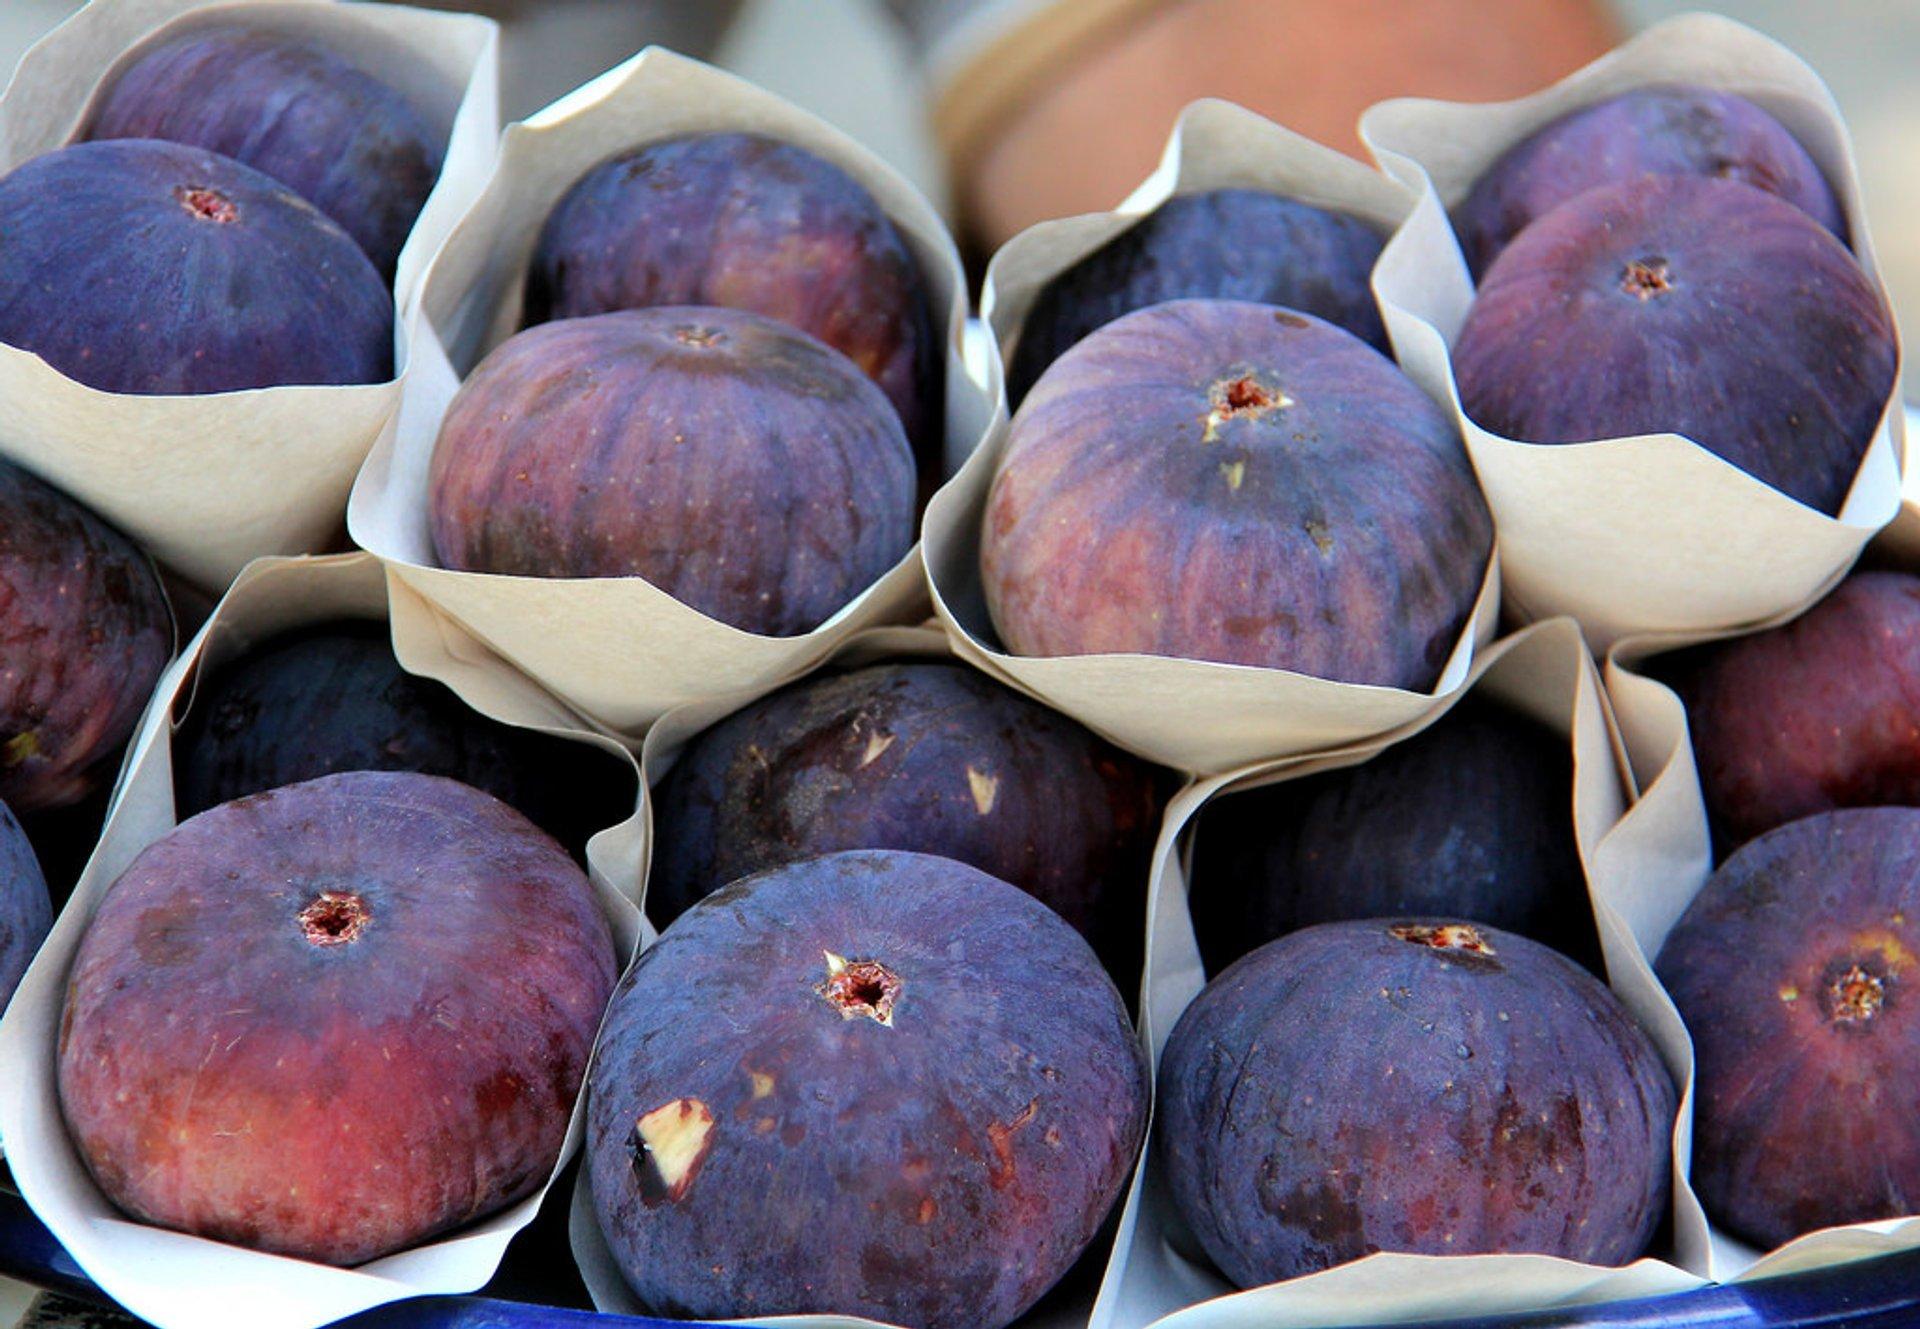 Fresh Figs in Turkey 2019 - Best Time